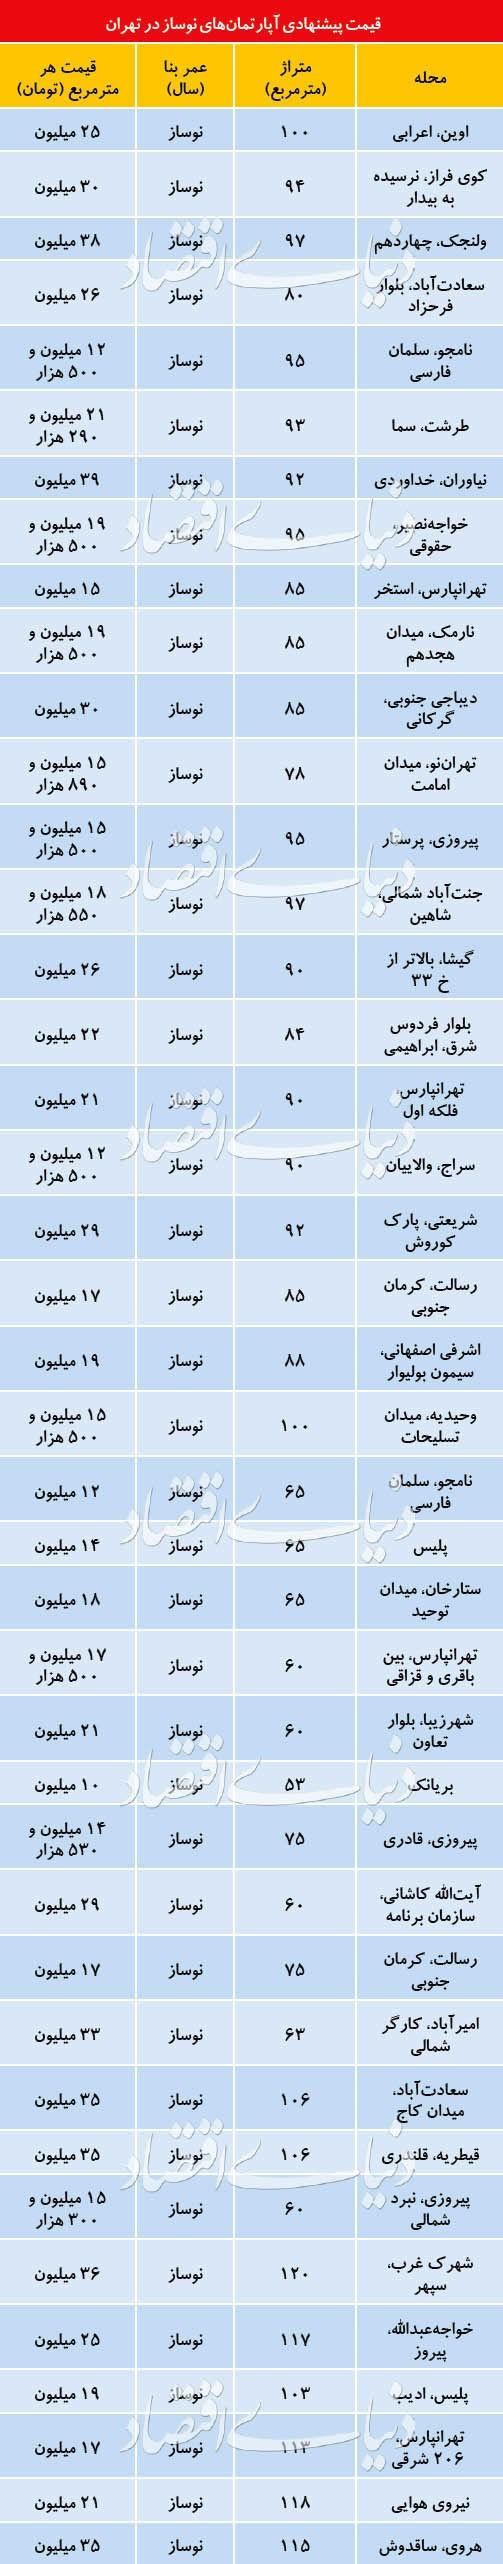 مروری بر قیمت آپارتمان های نوساز در تهران